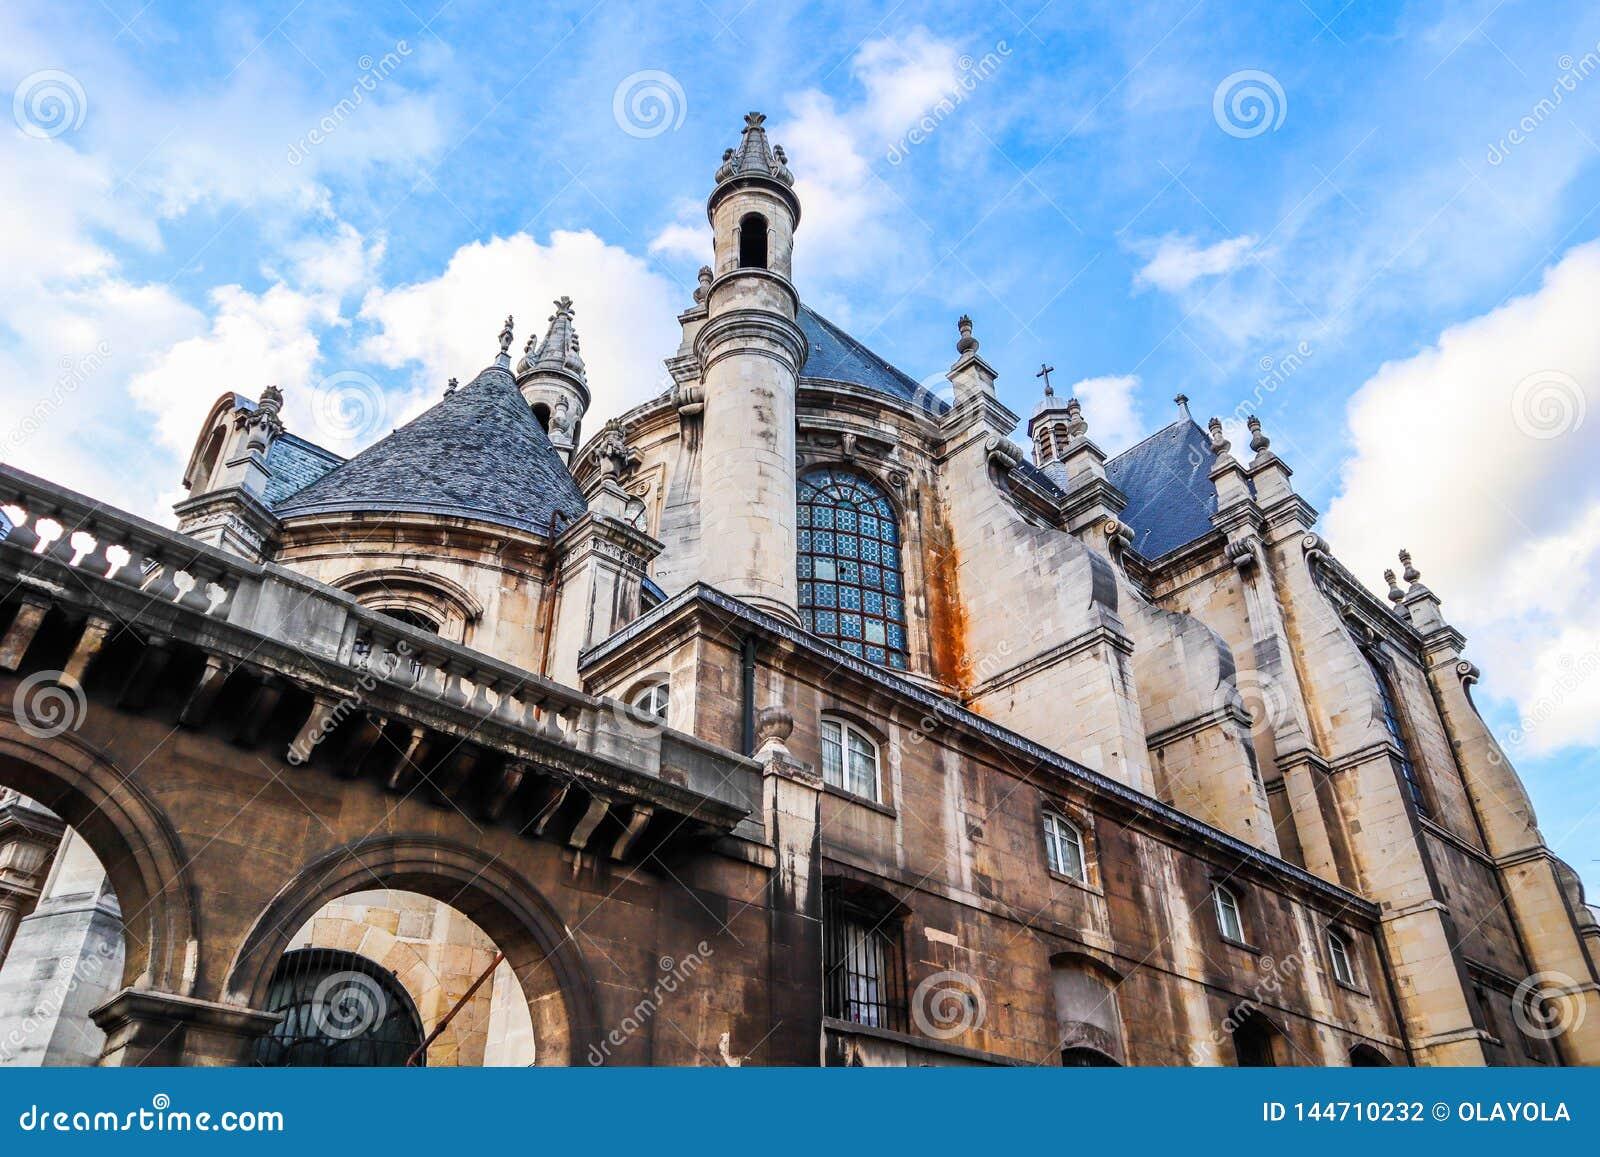 Piękny kościół w historycznym centrum Paryski Francja